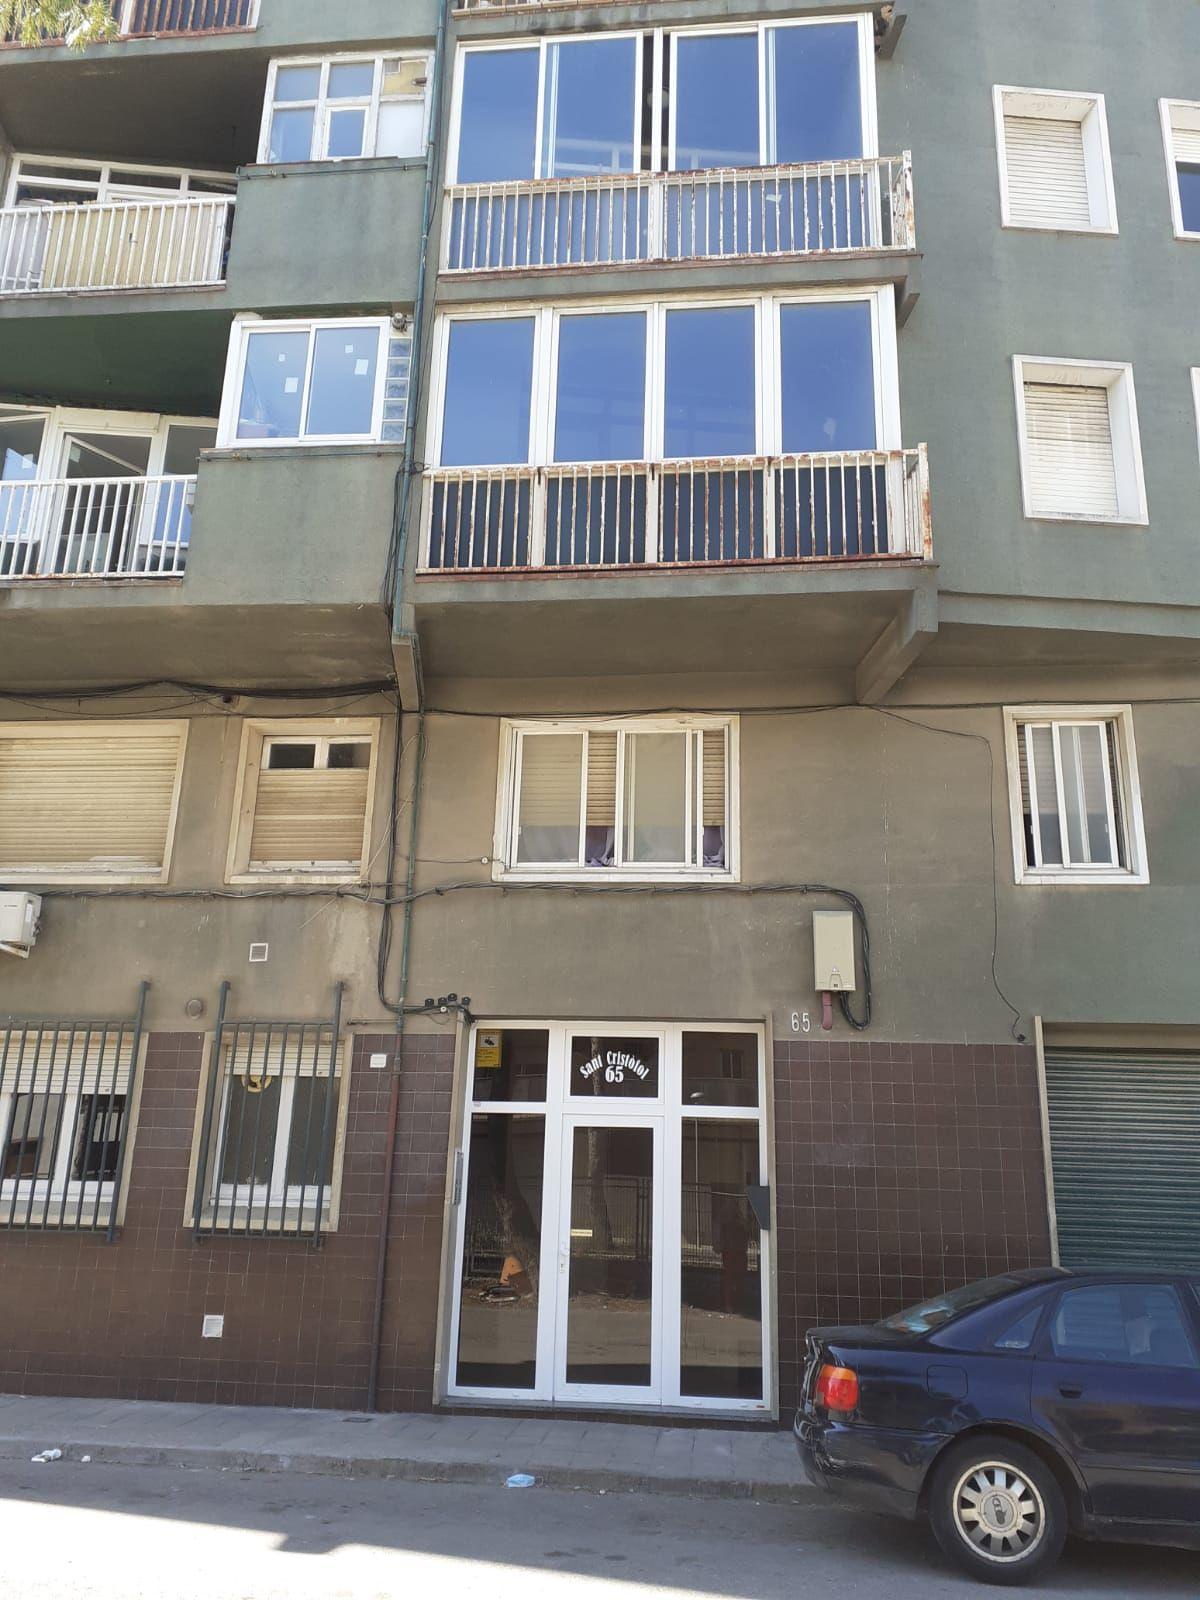 Piso en venta en Cervera, Lleida, Avenida Prat de la Riban, 32.300 €, 3 habitaciones, 71 m2